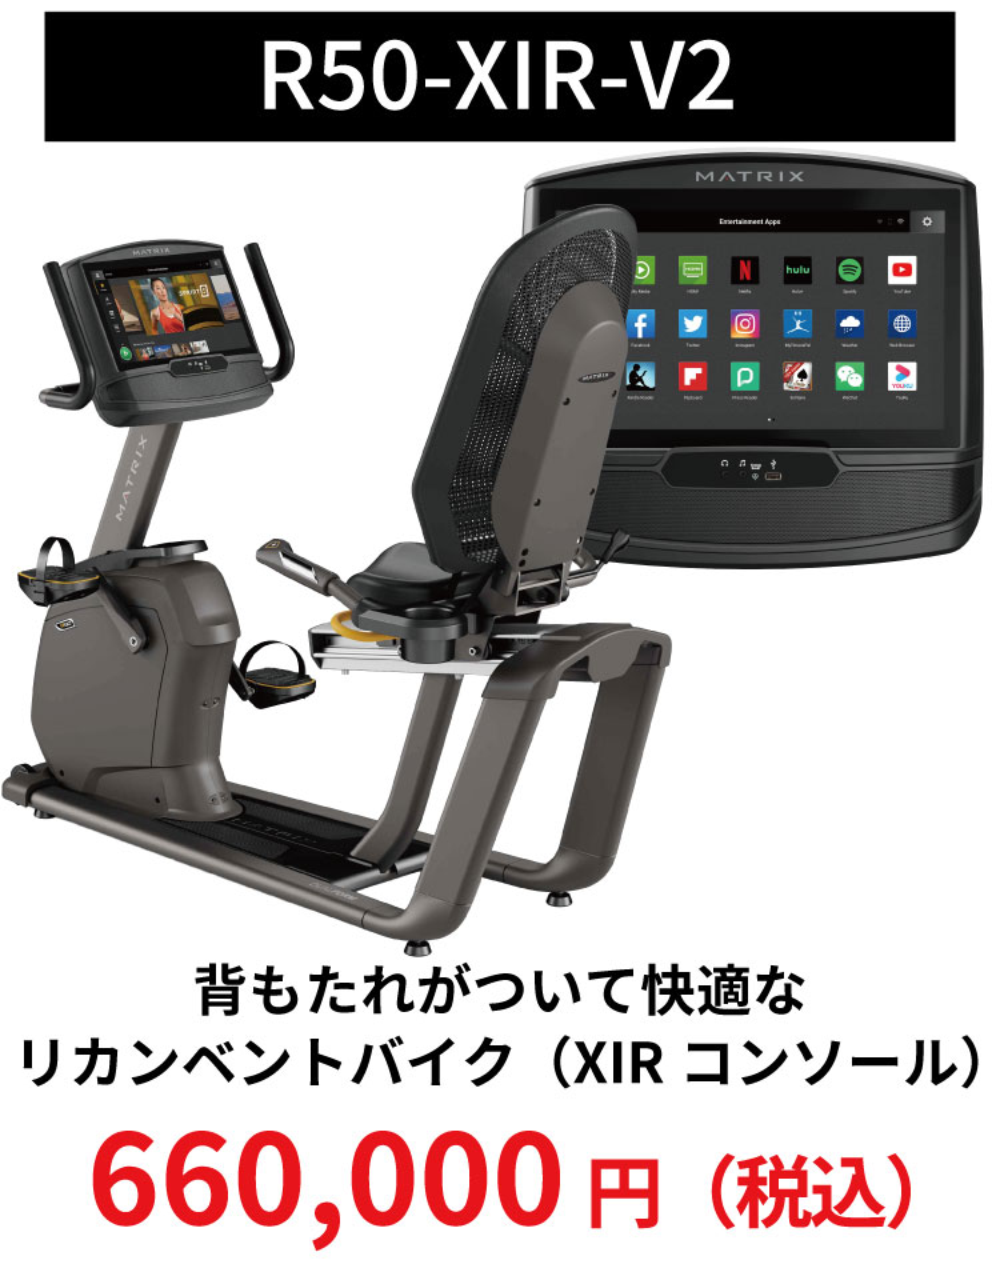 R50-XIR